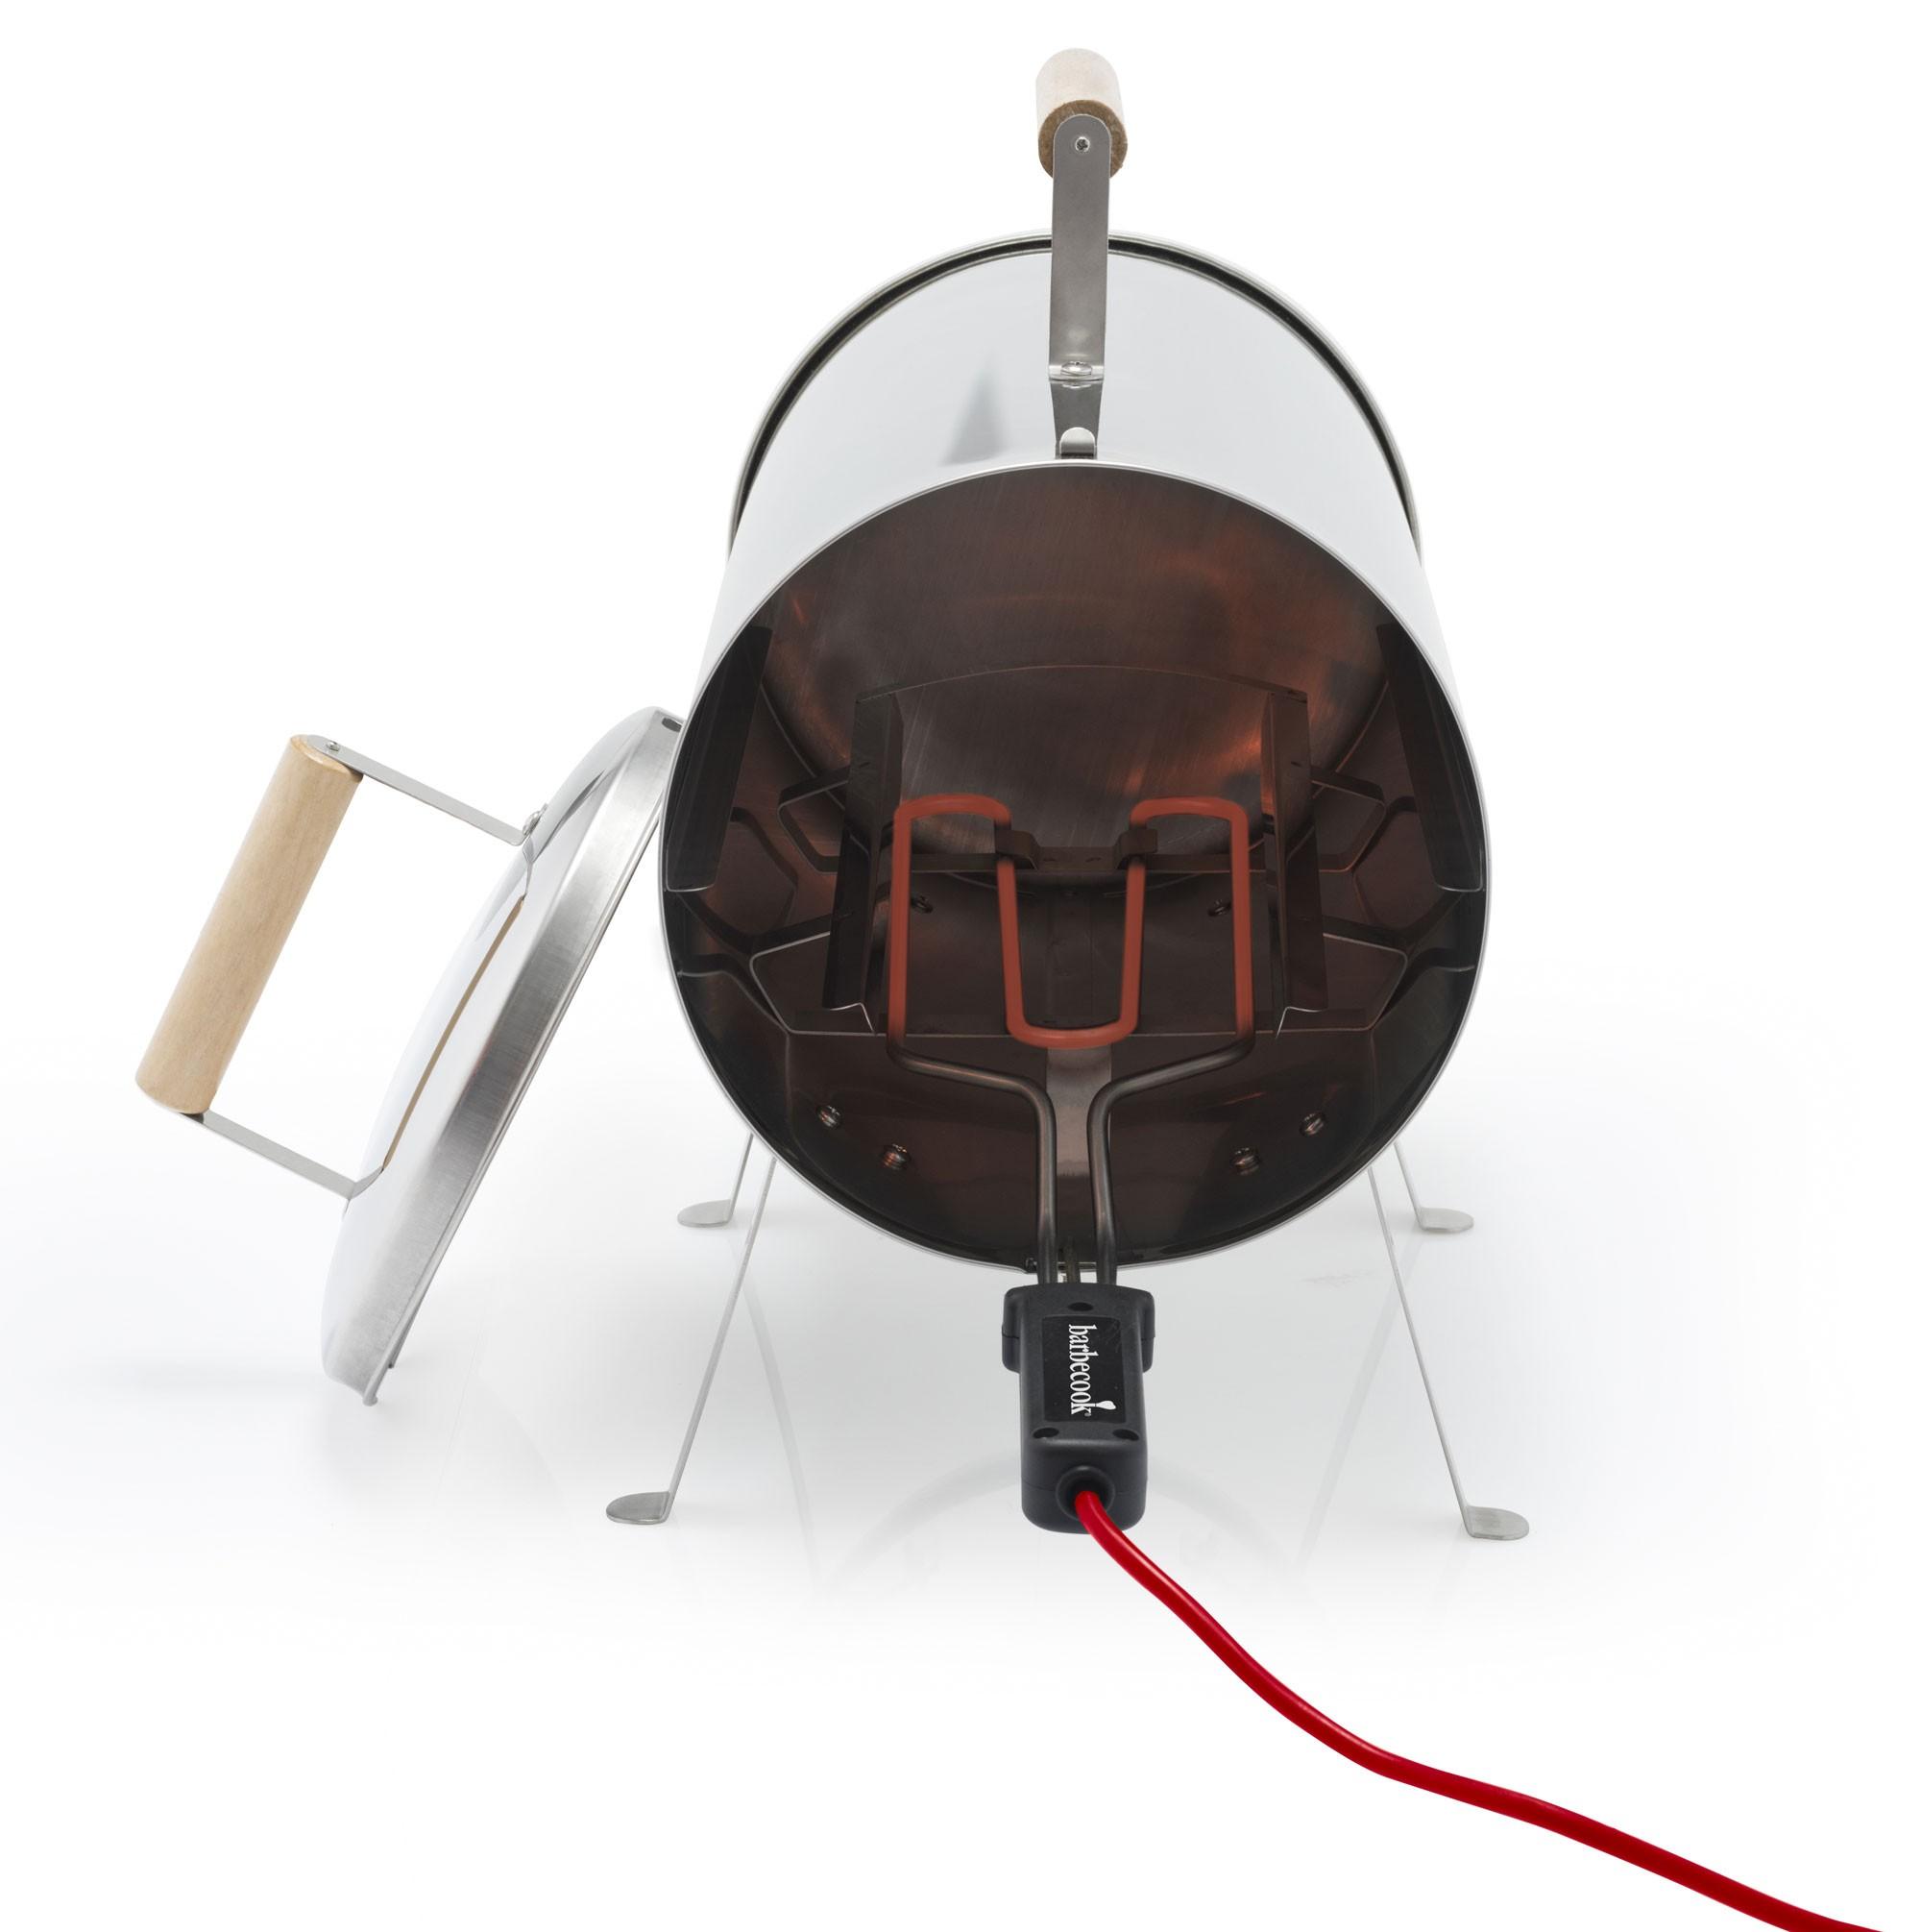 Räucherofen / Elektroräucherofen barbecook Otto Stahl Bild 4